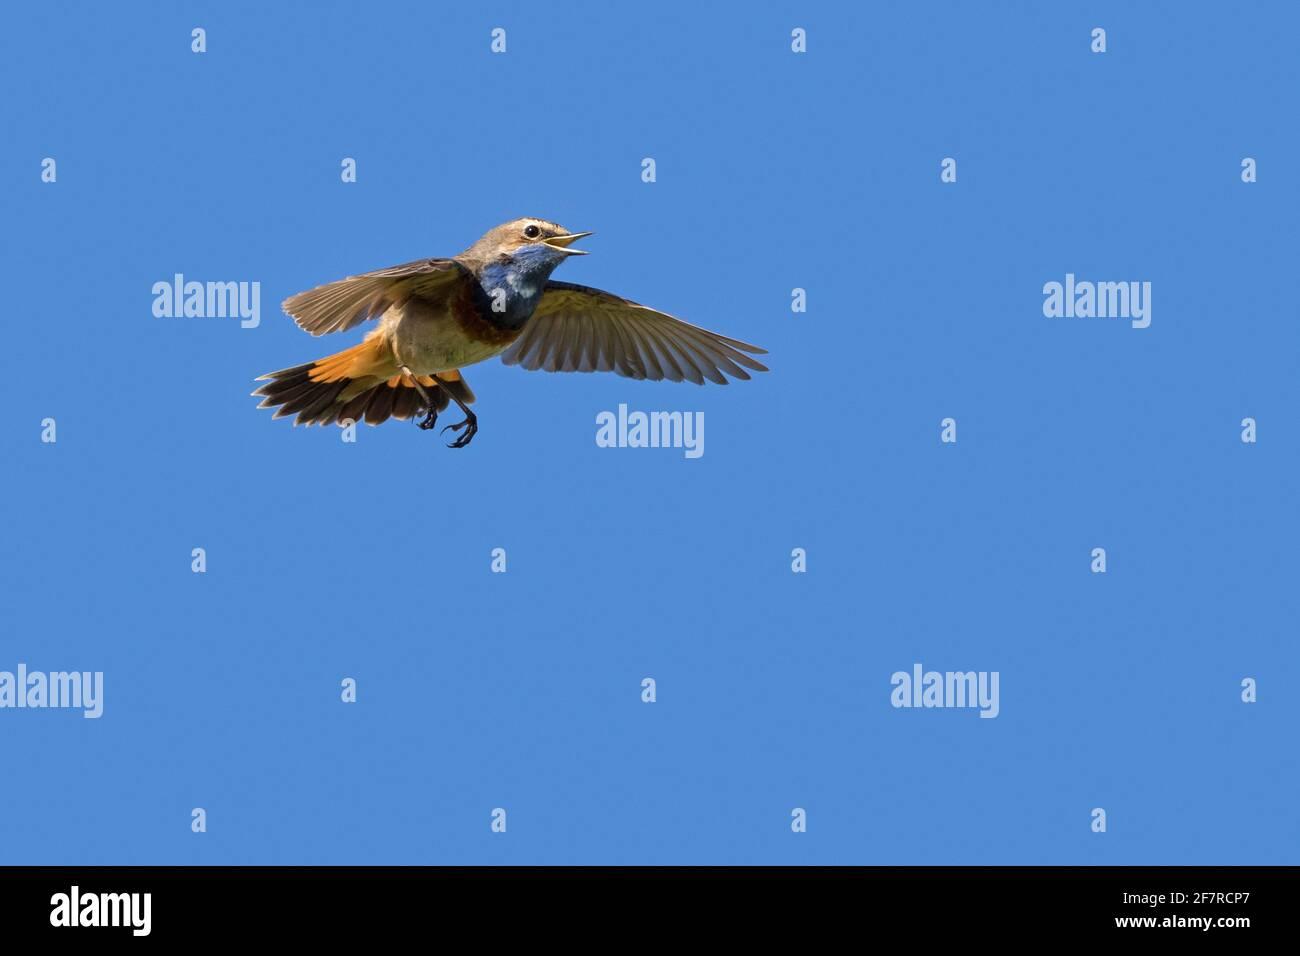 Bleuet à pois blancs (Luscinia svecica cyanula) homme en vol appelant / chant au printemps Banque D'Images